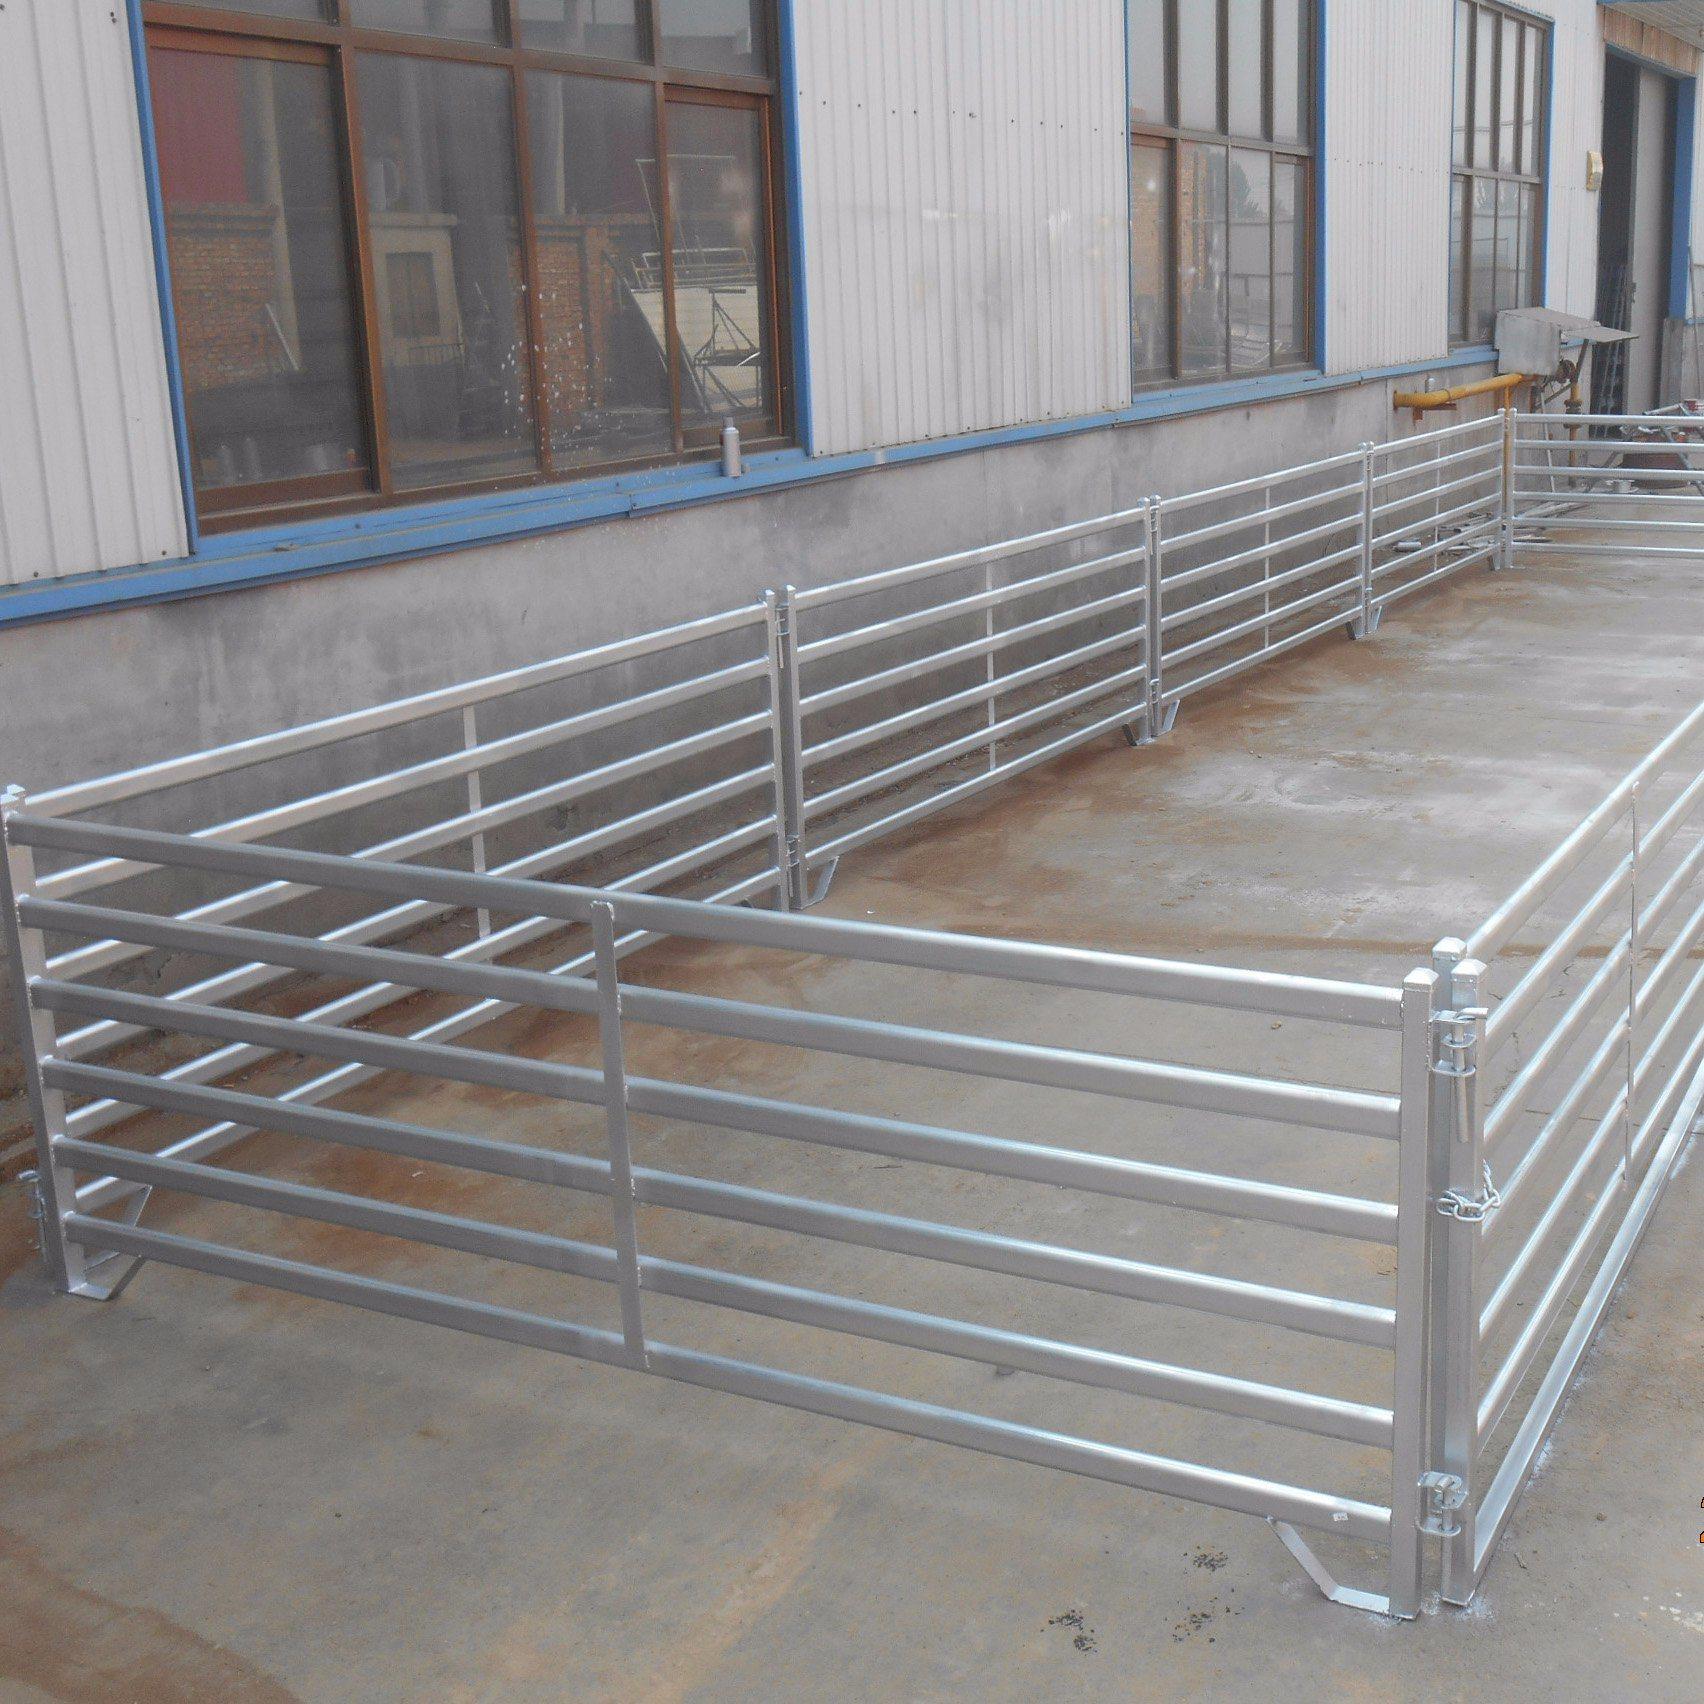 China Portable Galvanized Goat Corral Fence Panels - China